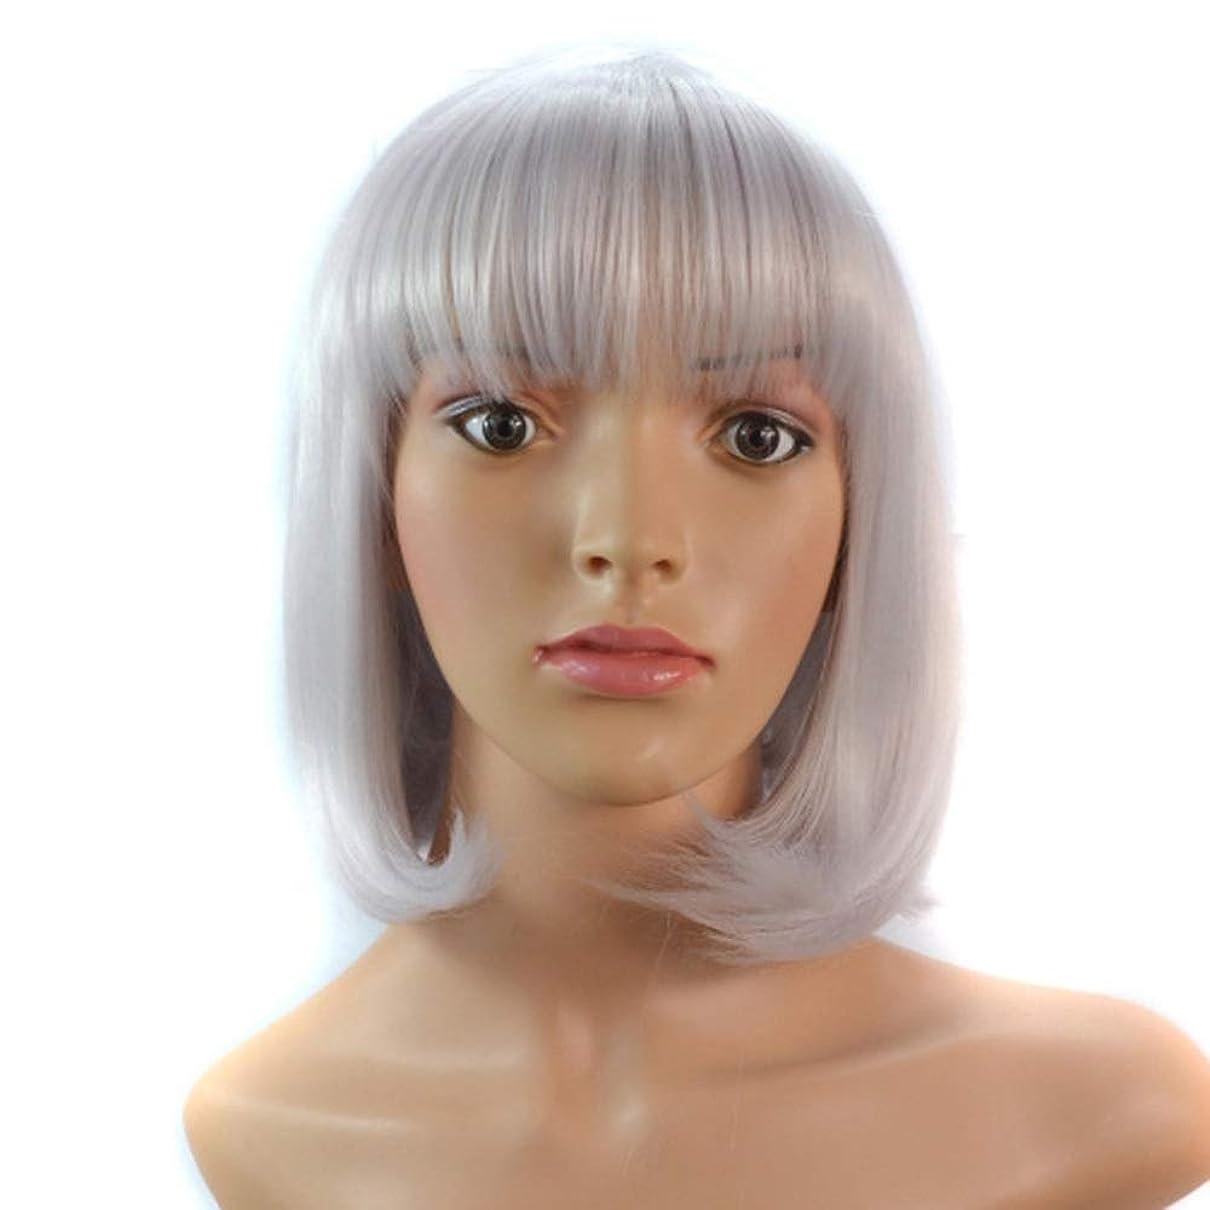 意識一次怪しいYESONEEP 女性のストレートショートボブスタイリッシュな耐熱合成シルバーホワイトカラーフルヘアウィッグと前髪パーティーウィッグ (色 : Silver white, サイズ : 40cm)